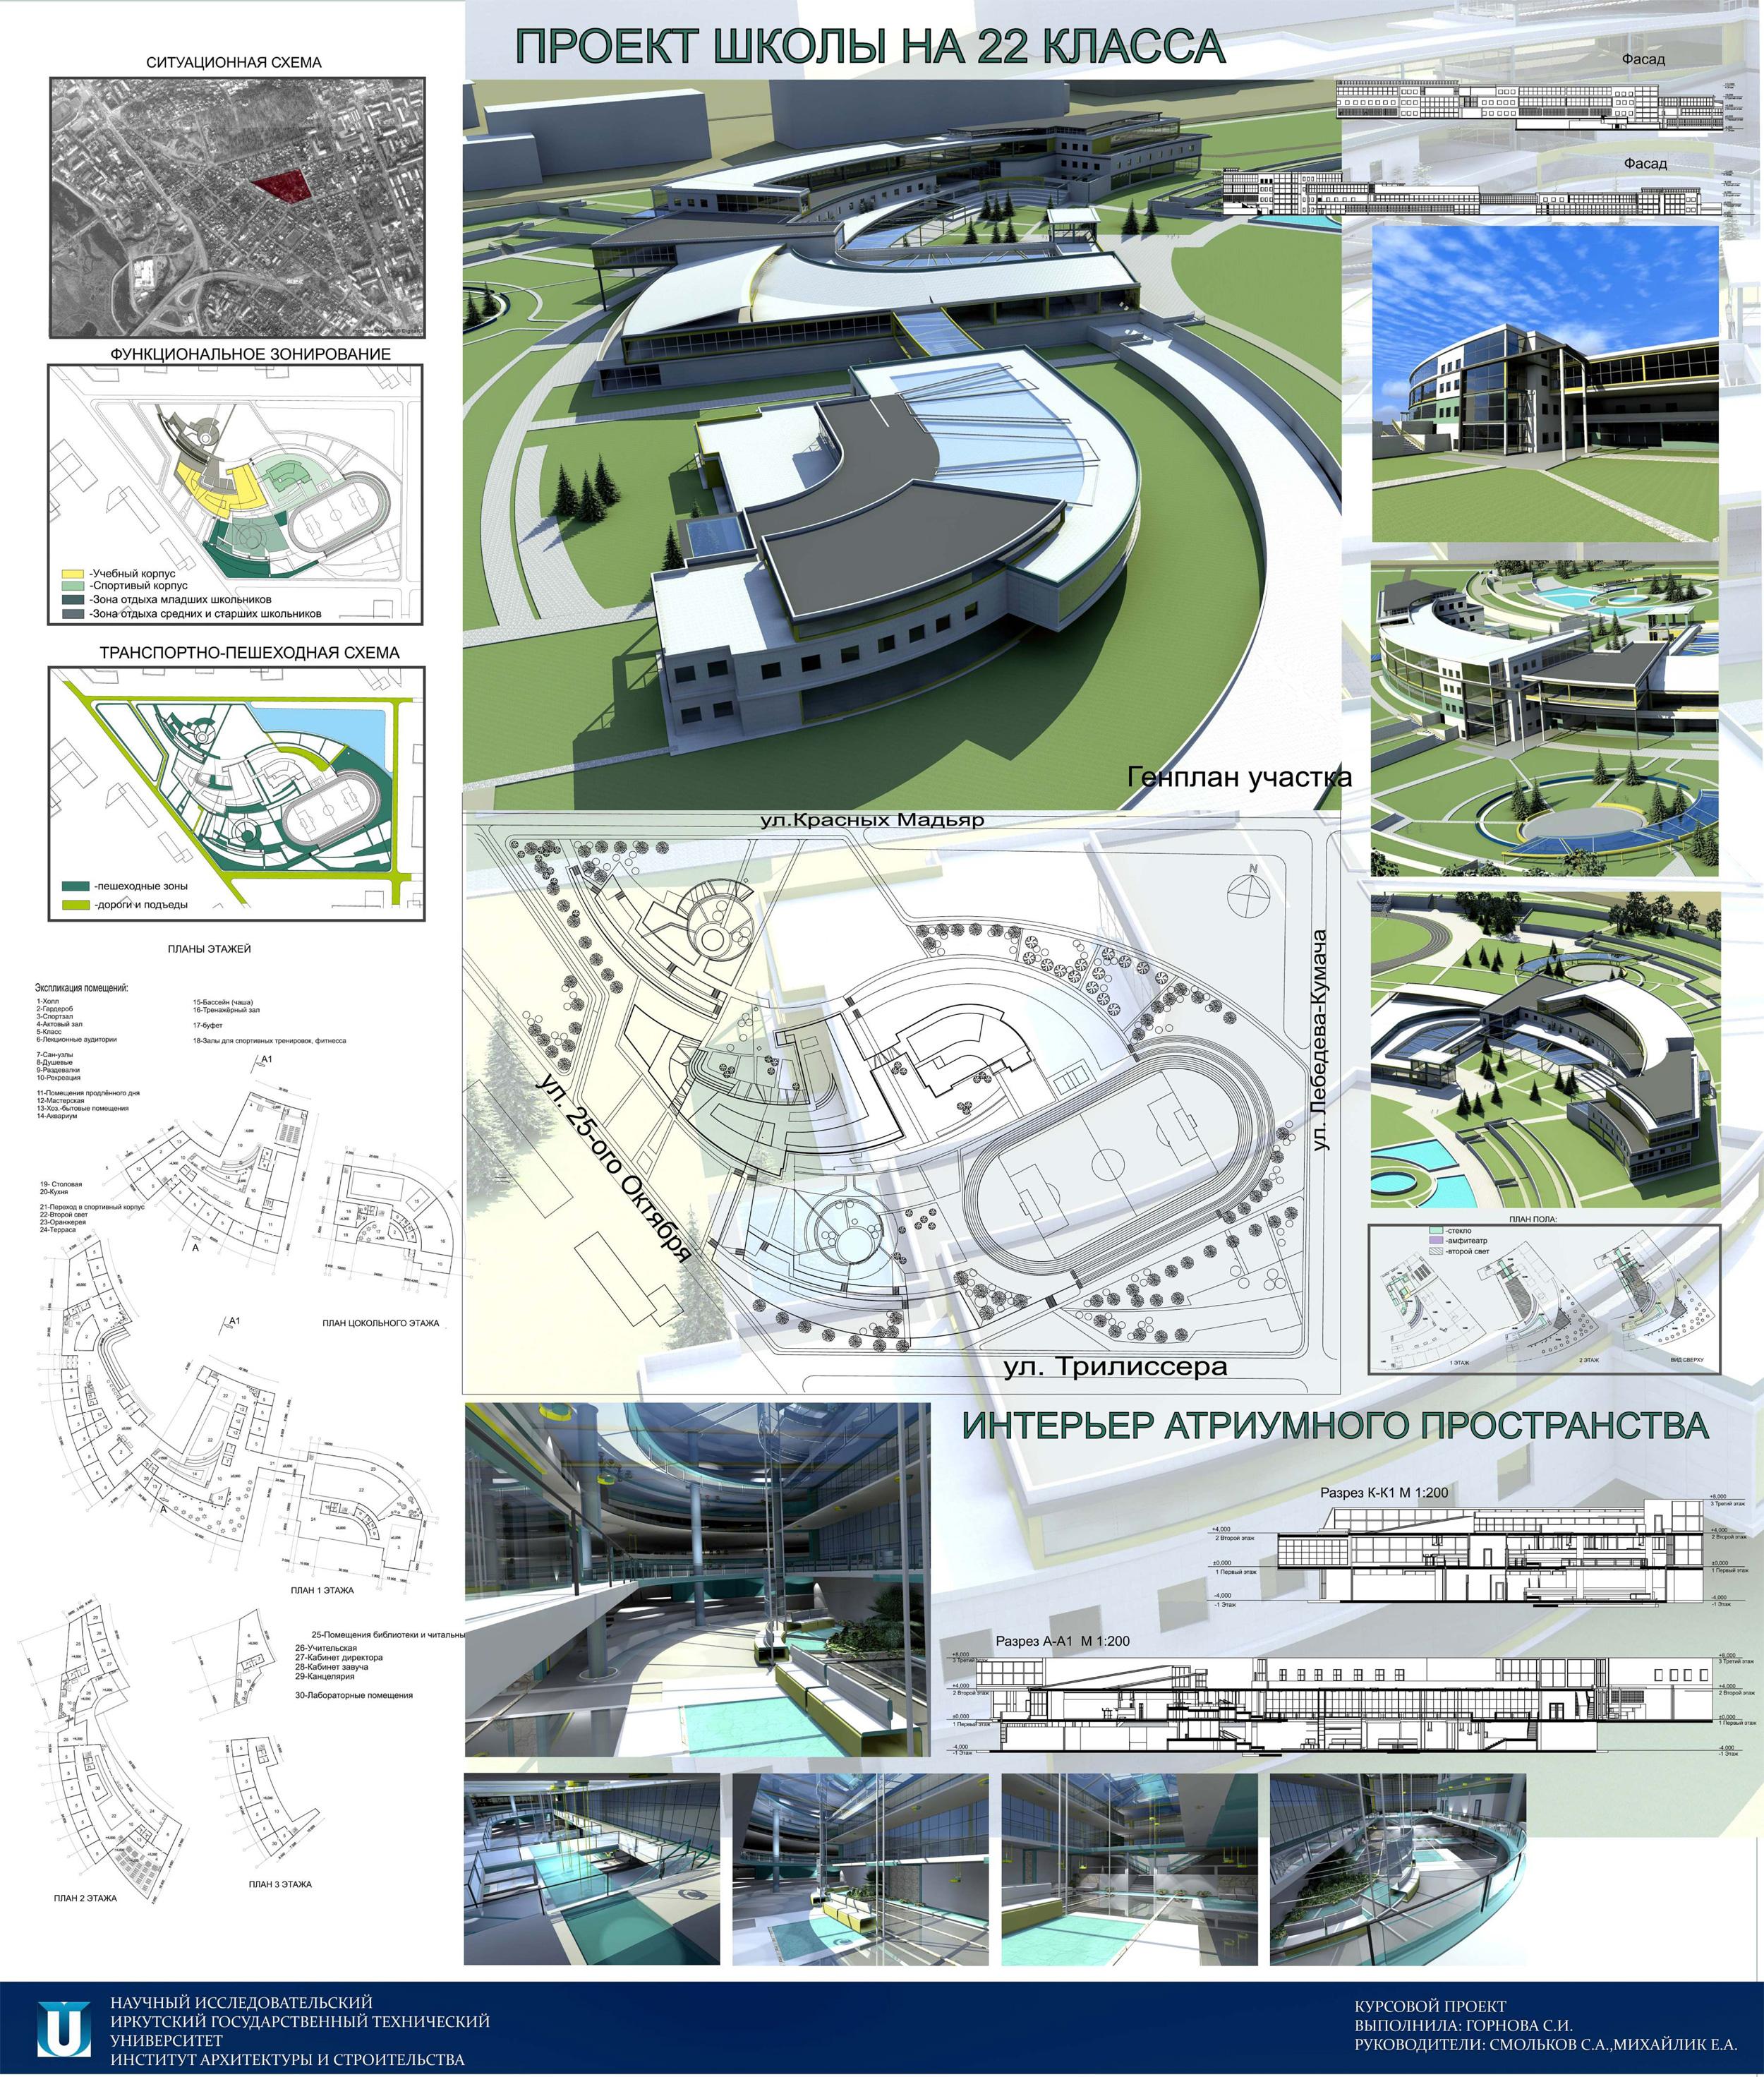 Школа на класса Иркутск Архитектура и проектирование  Школа на 22 класса Иркутск ИрГТУ Проект